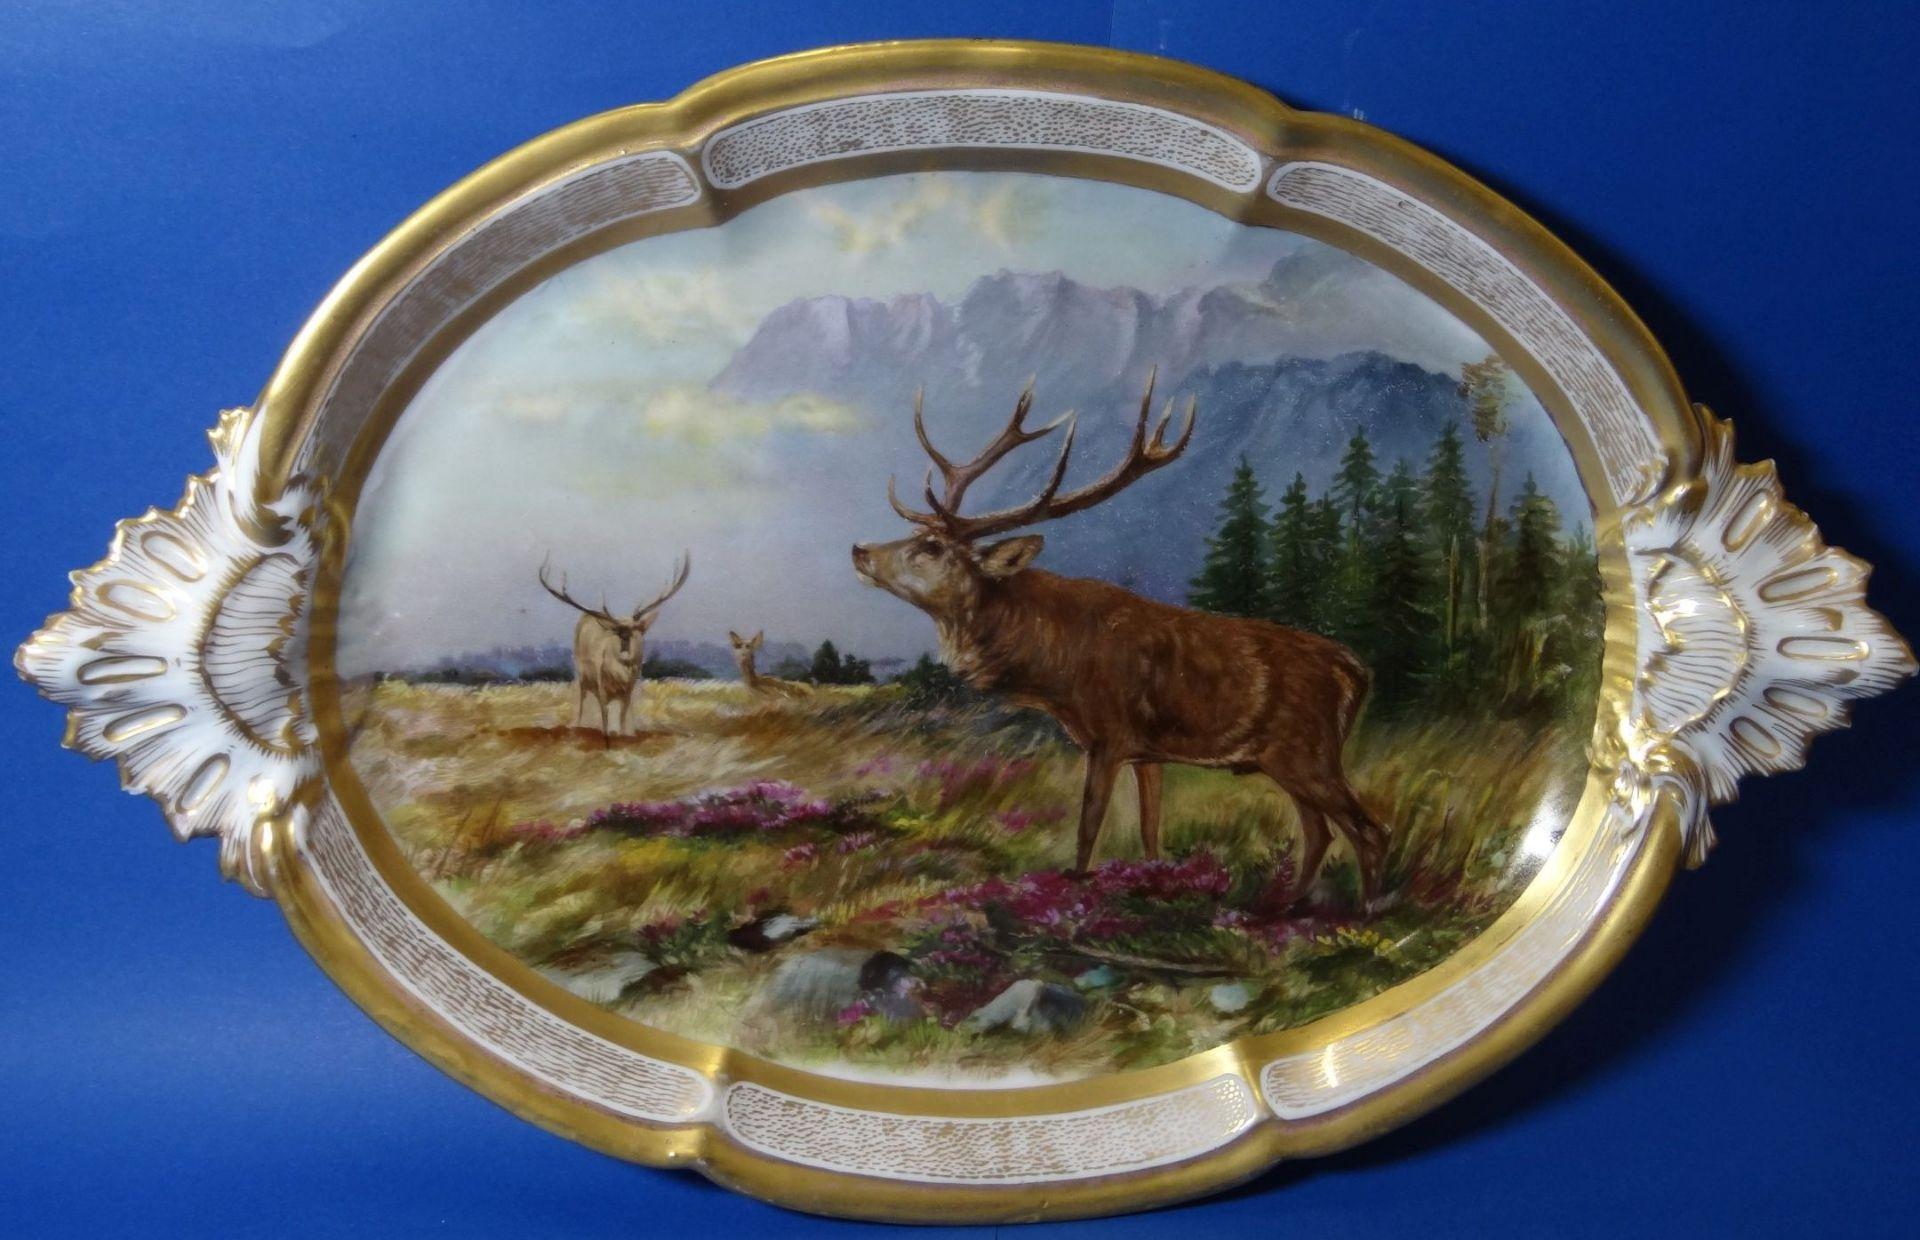 gr. ovale Platte, mit Hirsch-Gruppe,Goldstaffage, L-41 cm, B-27 cm - Bild 7 aus 7